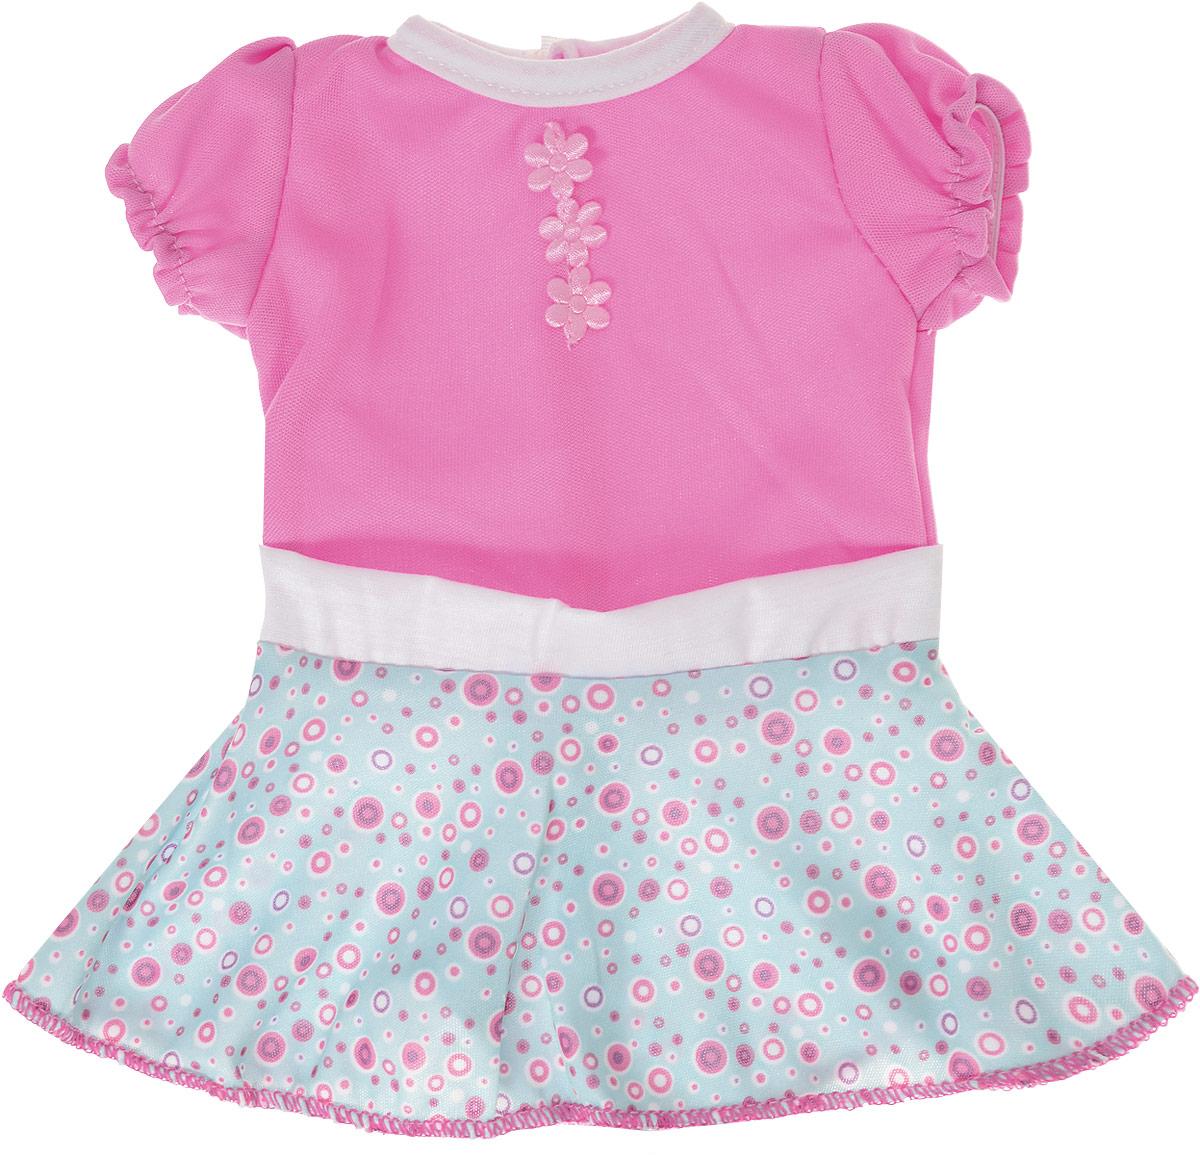 Junfa Toys Одежда для кукол Платье-сарафан цвет розовый мятный